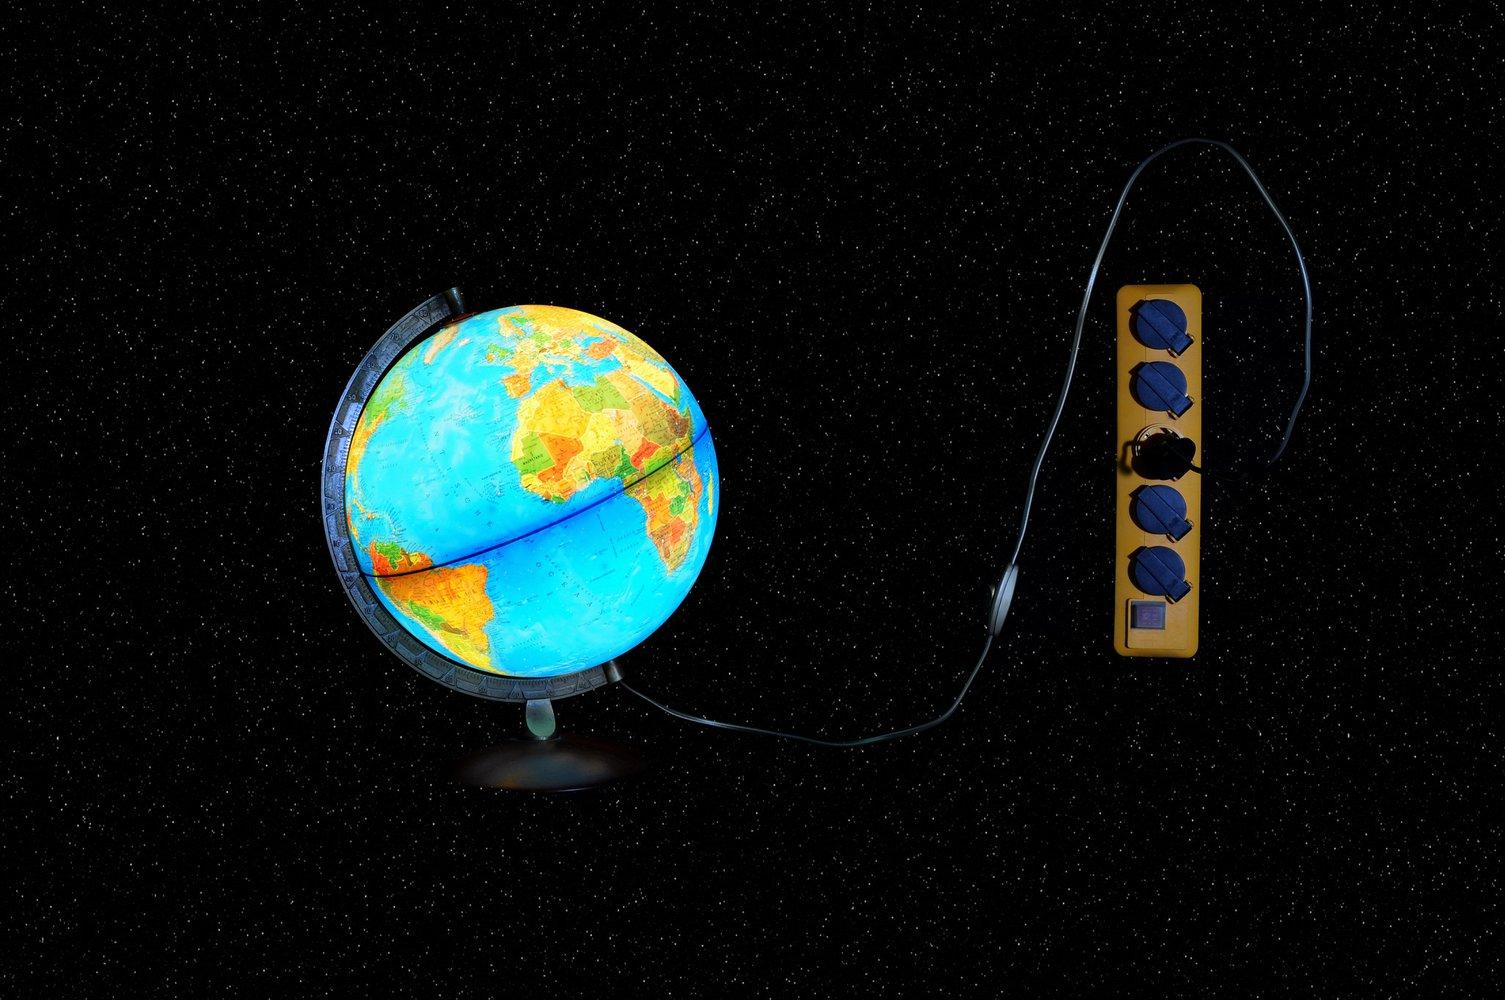 Цьогоріч день екоборгу настане 22 серпня - еко - 08 ekodolg